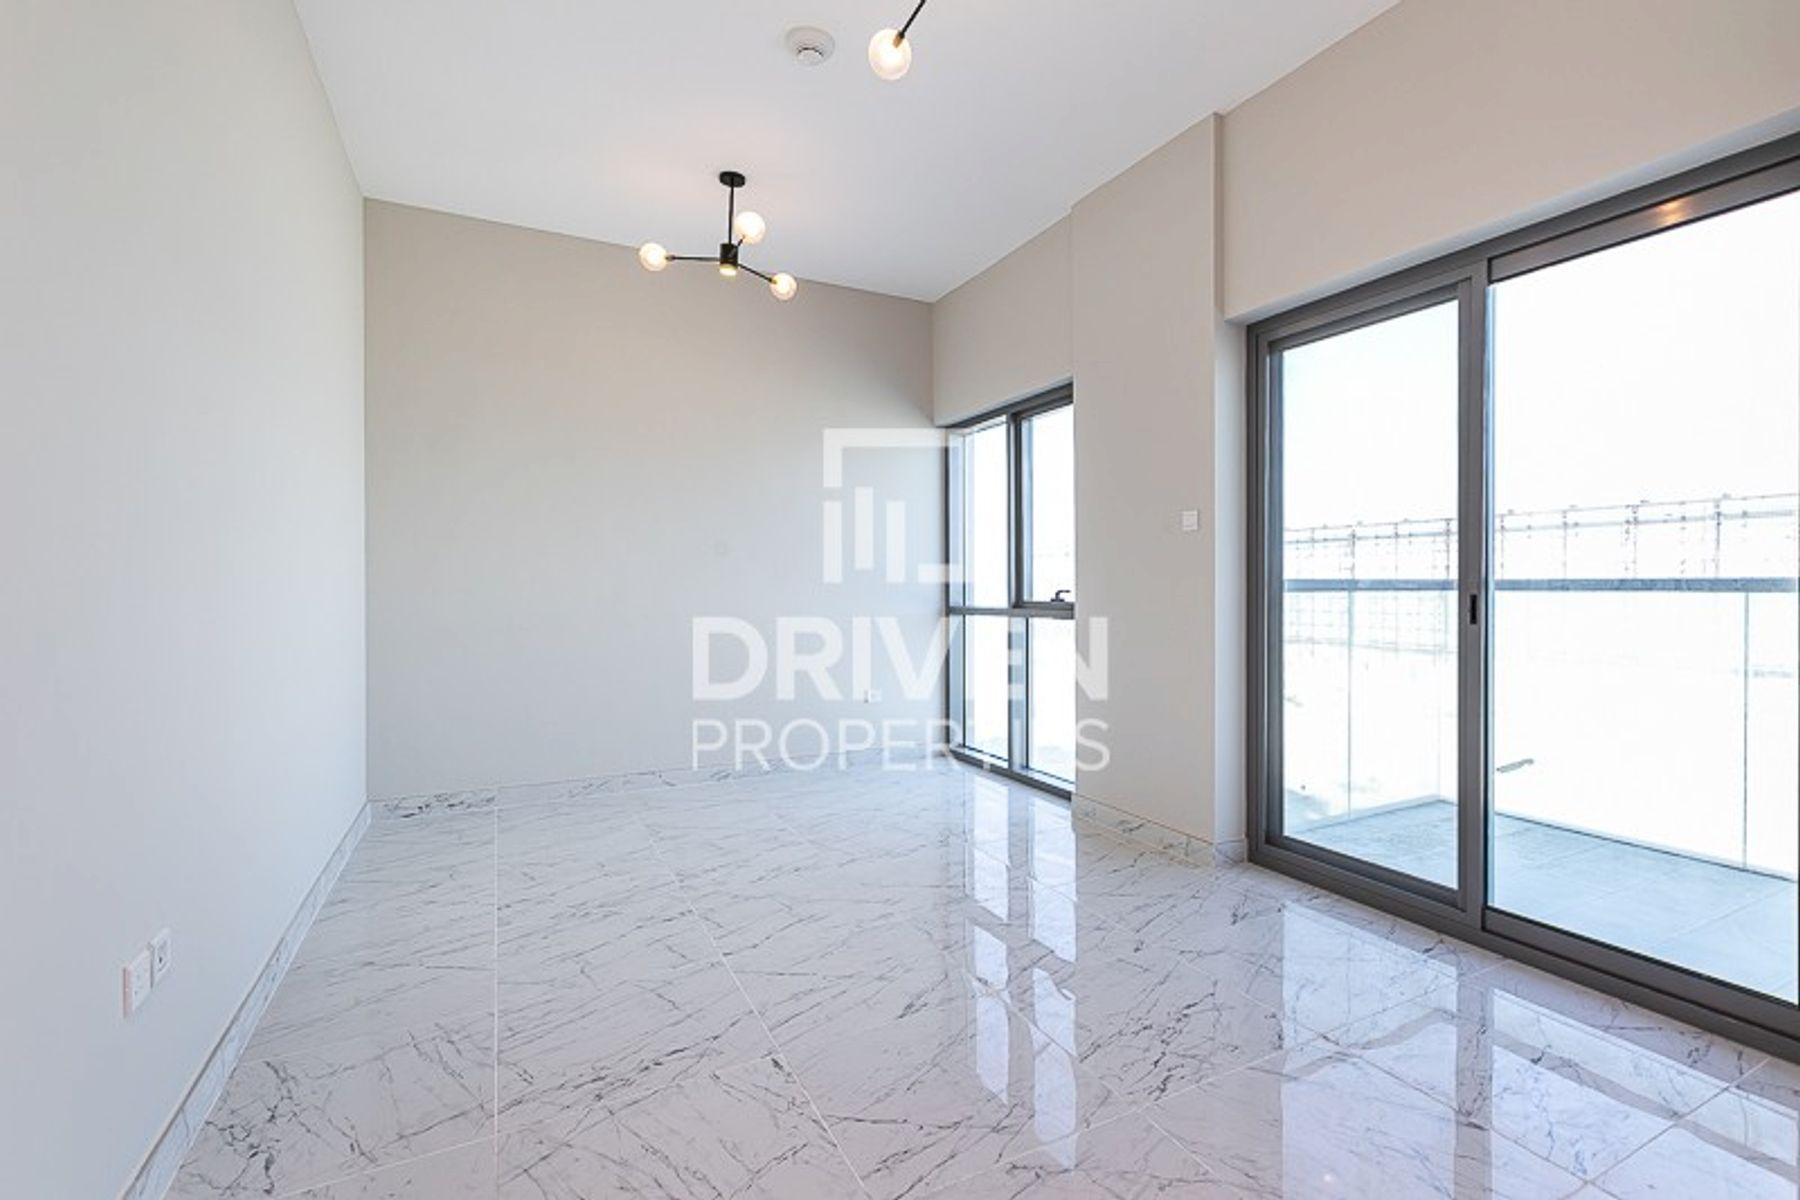 367 قدم مربع  ستوديو - للبيع - دبي الجنوب (مركز دبي العالمي)